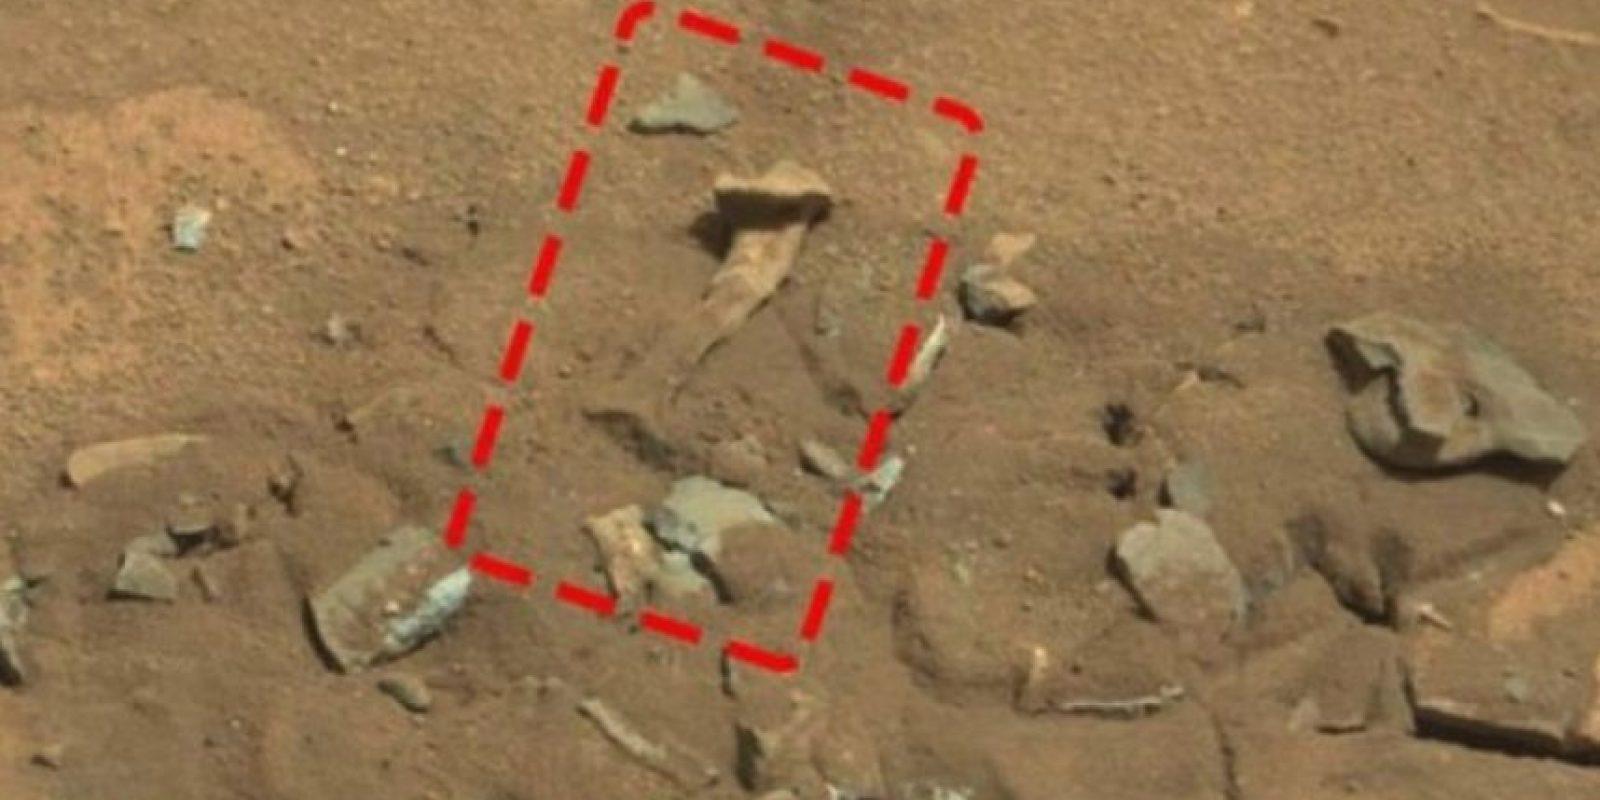 6. Un fémur Foto:NASA